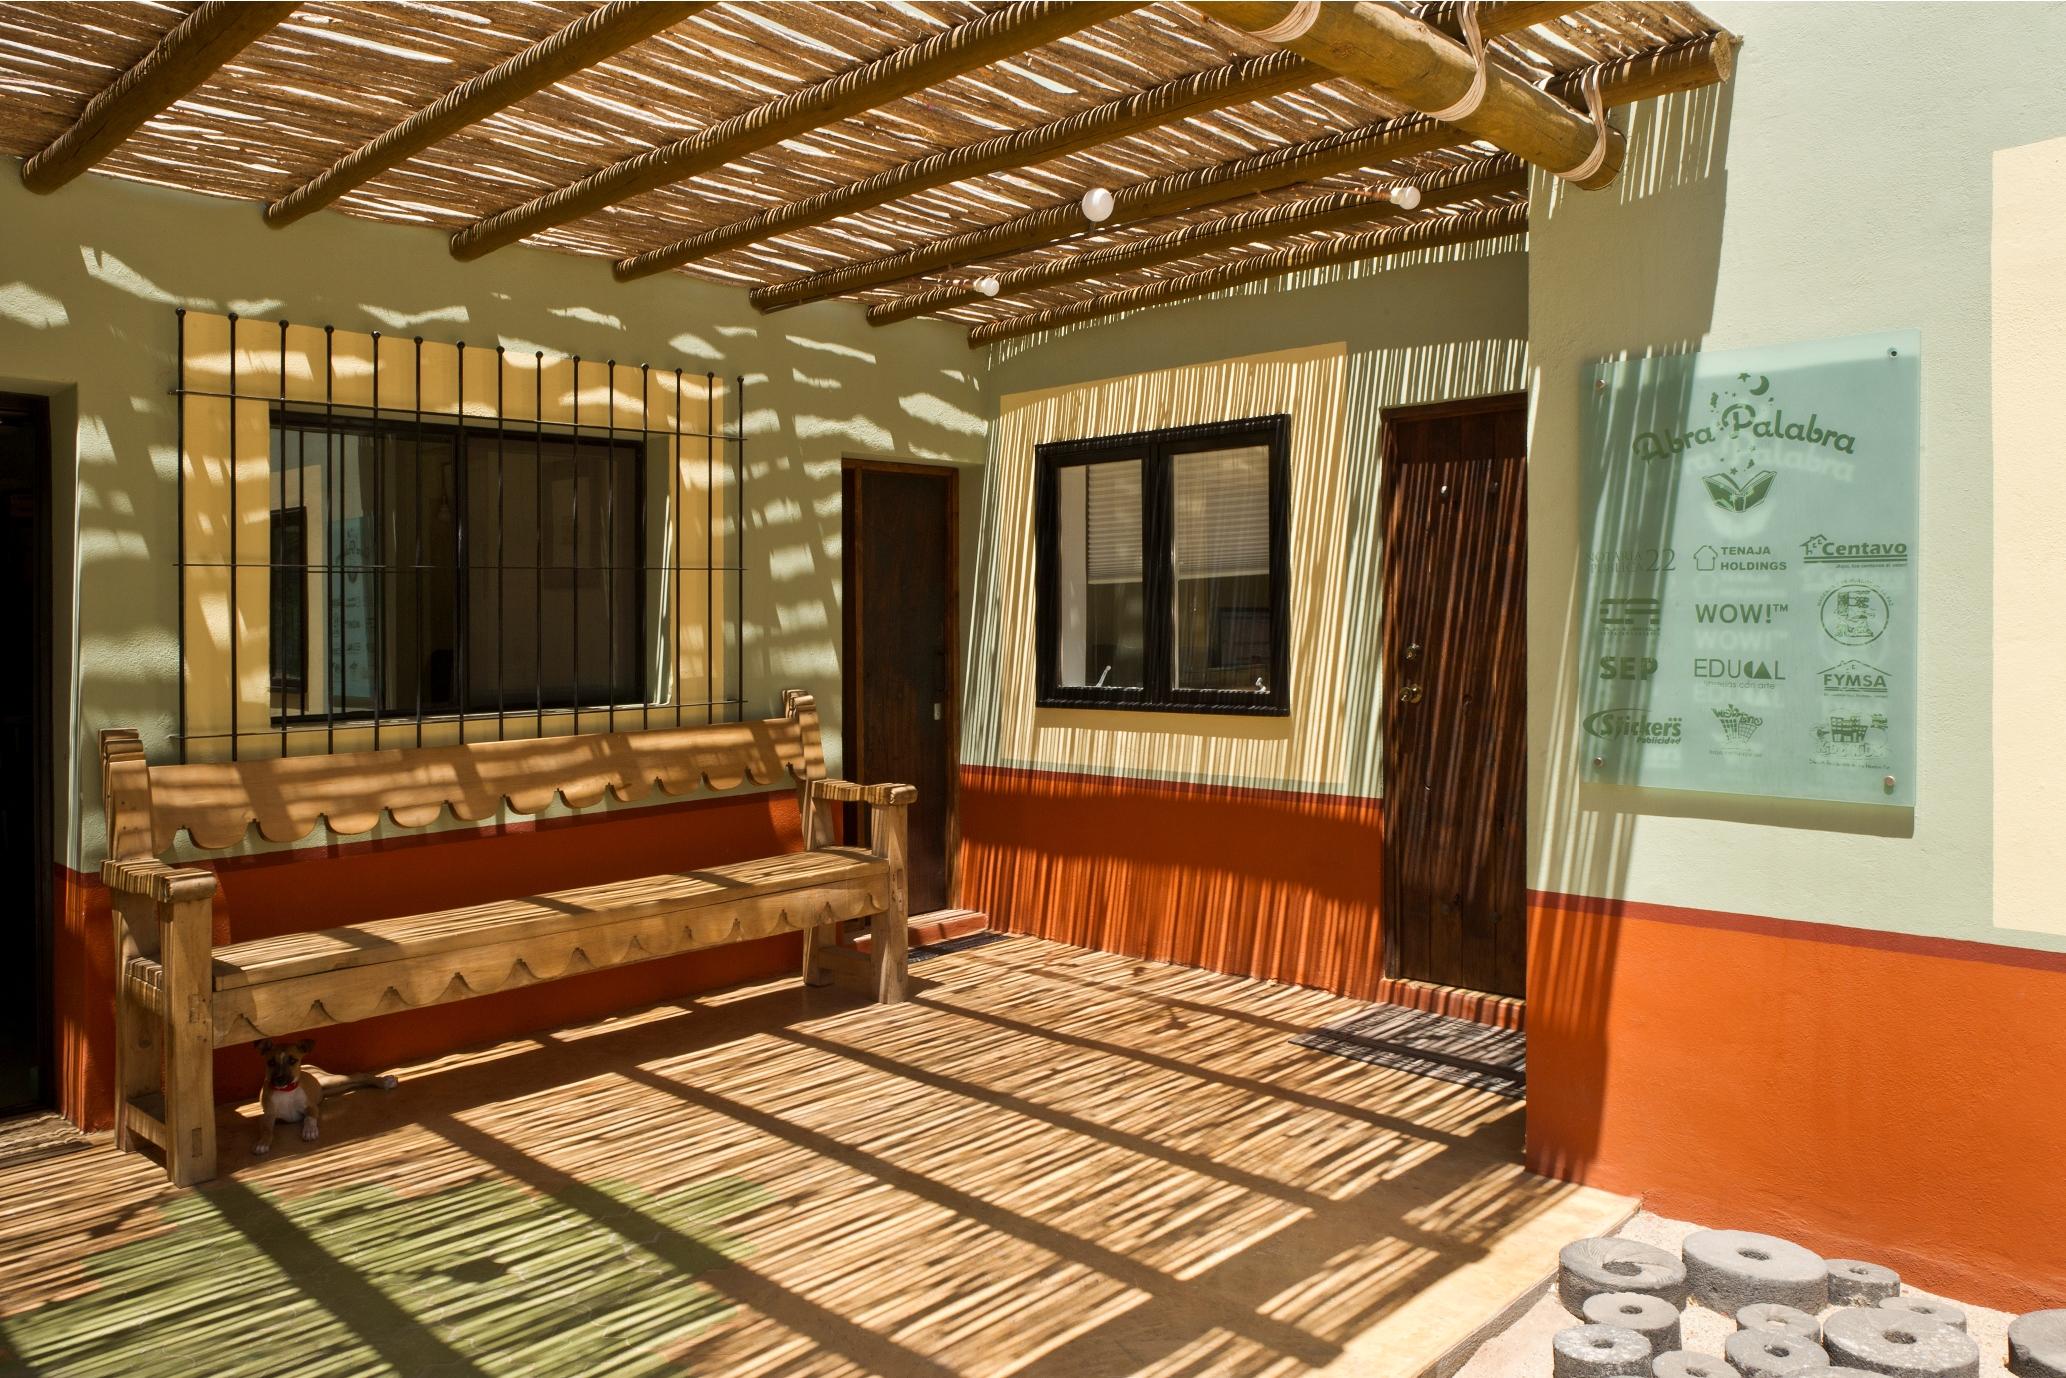 Real estate in La Paz, Mexico